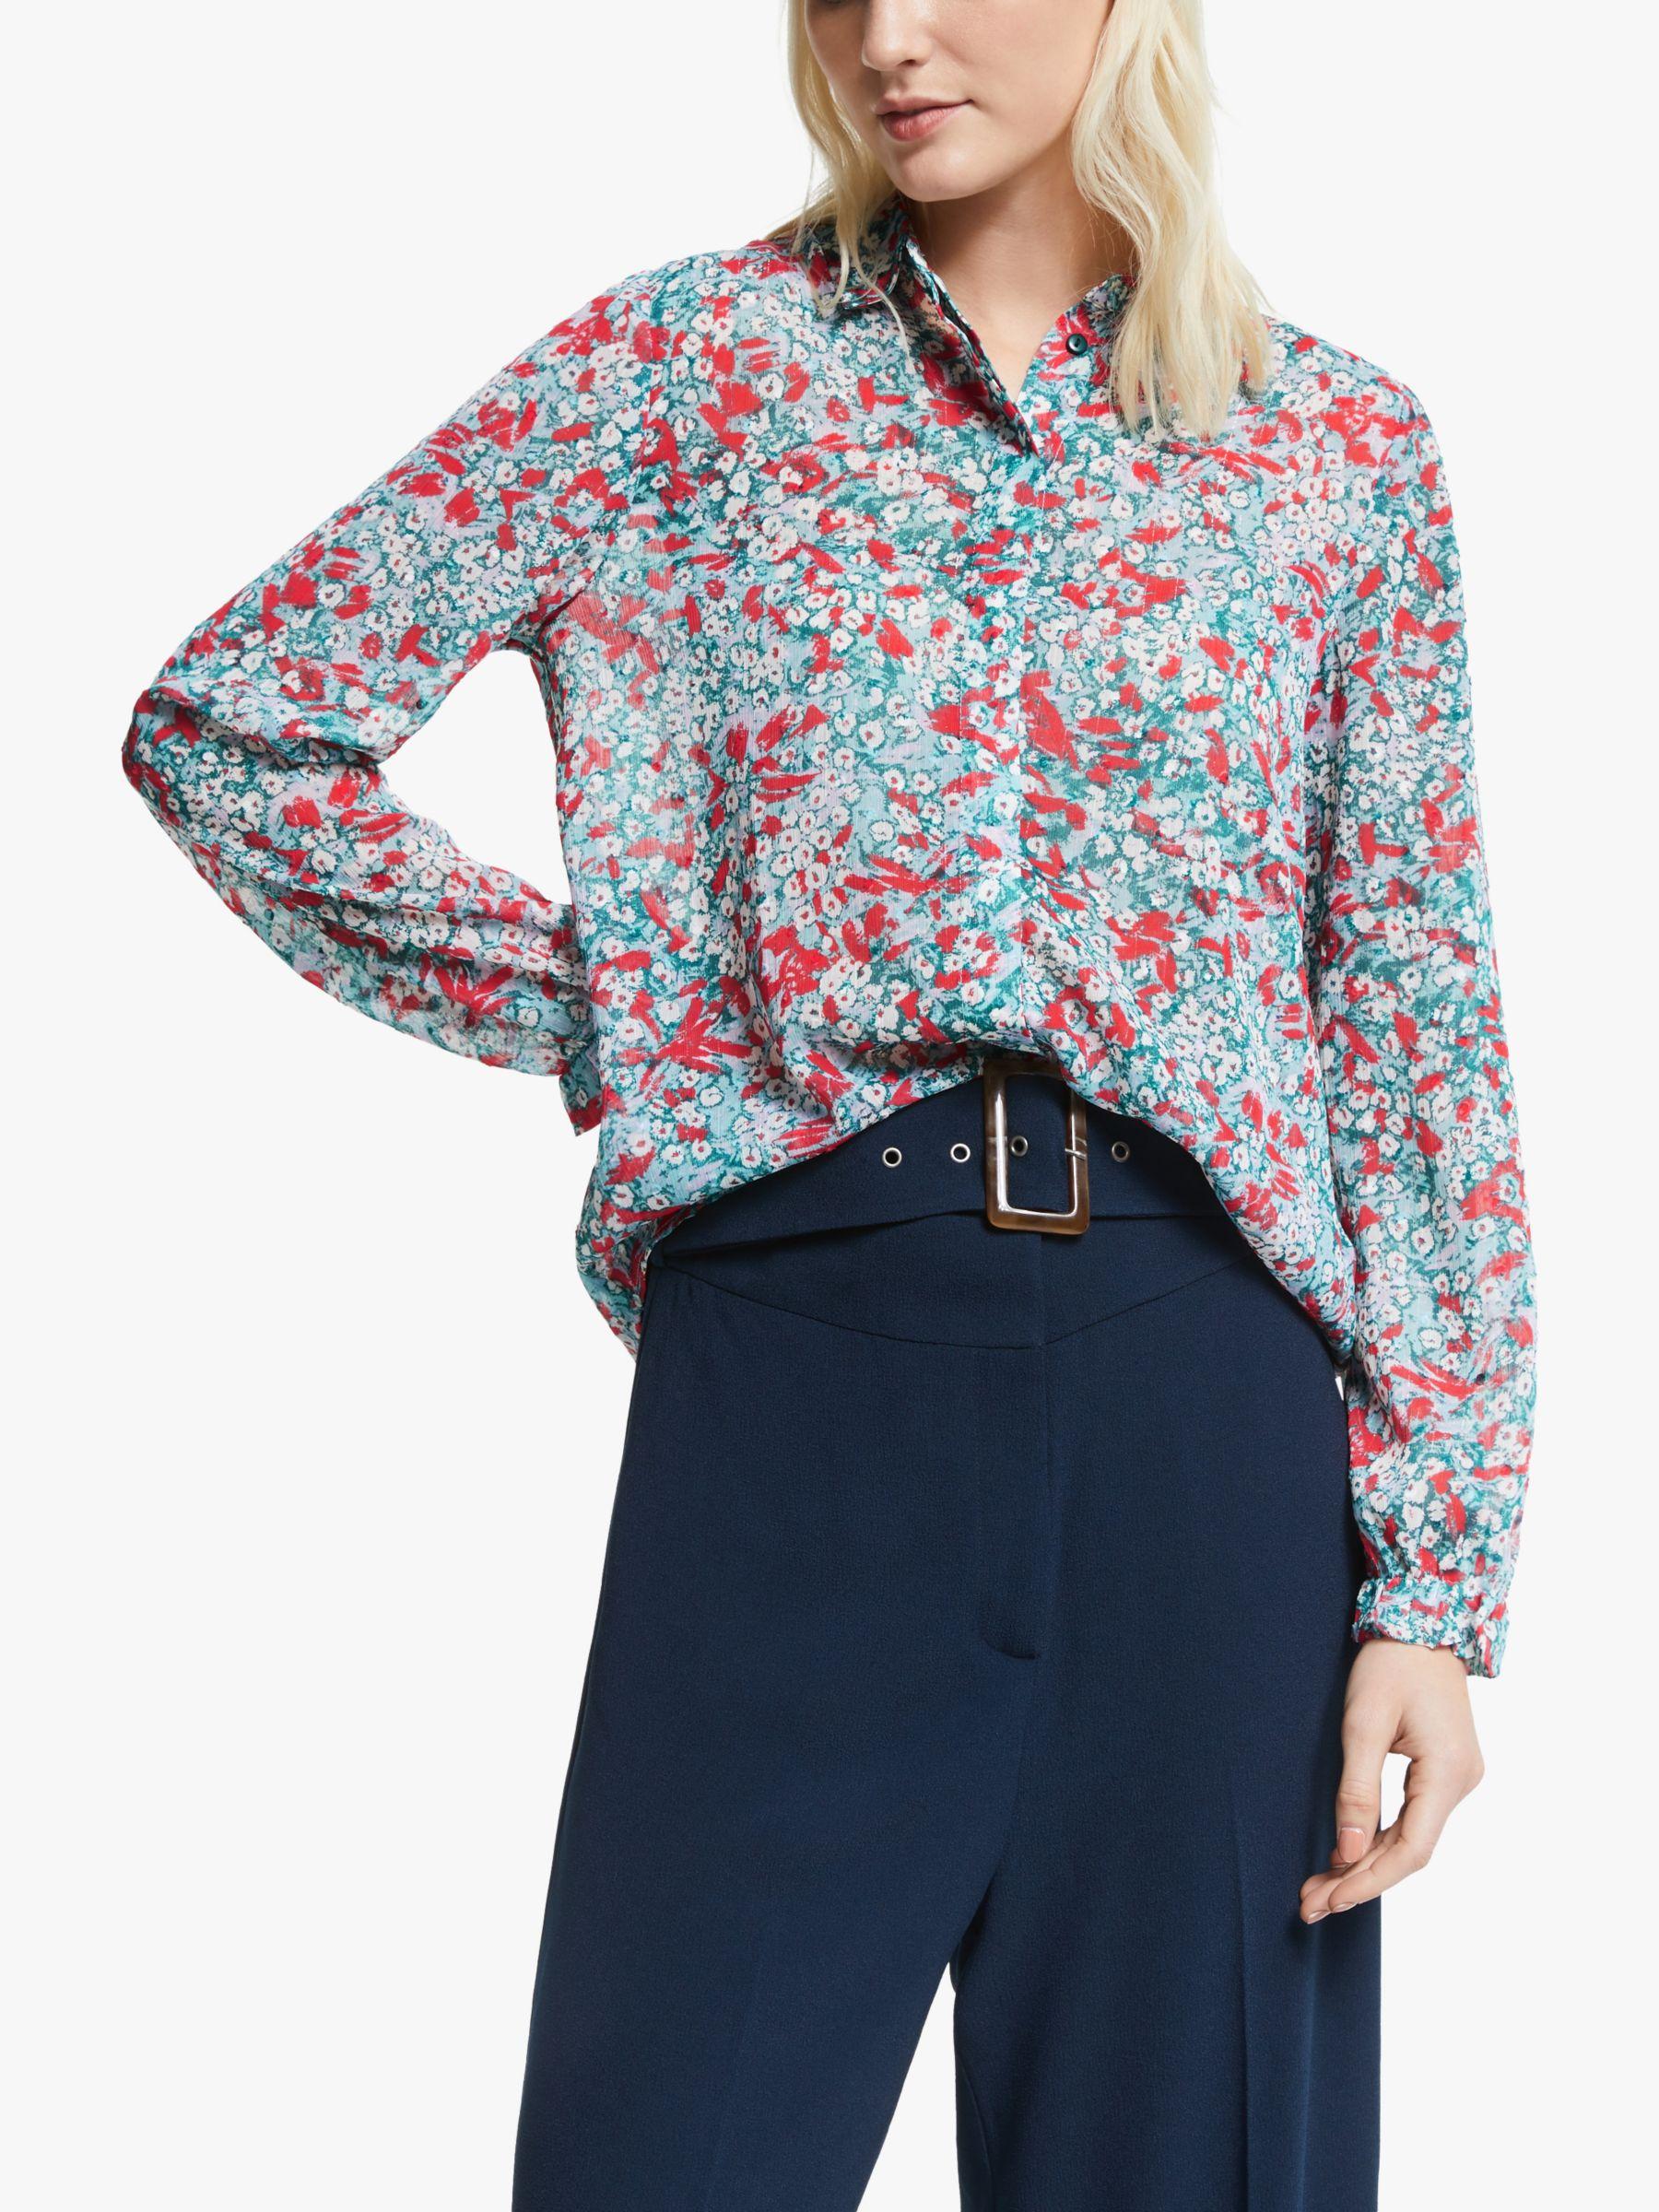 Numph Numph Aphra Floral Printed Shirt, Pondarosa